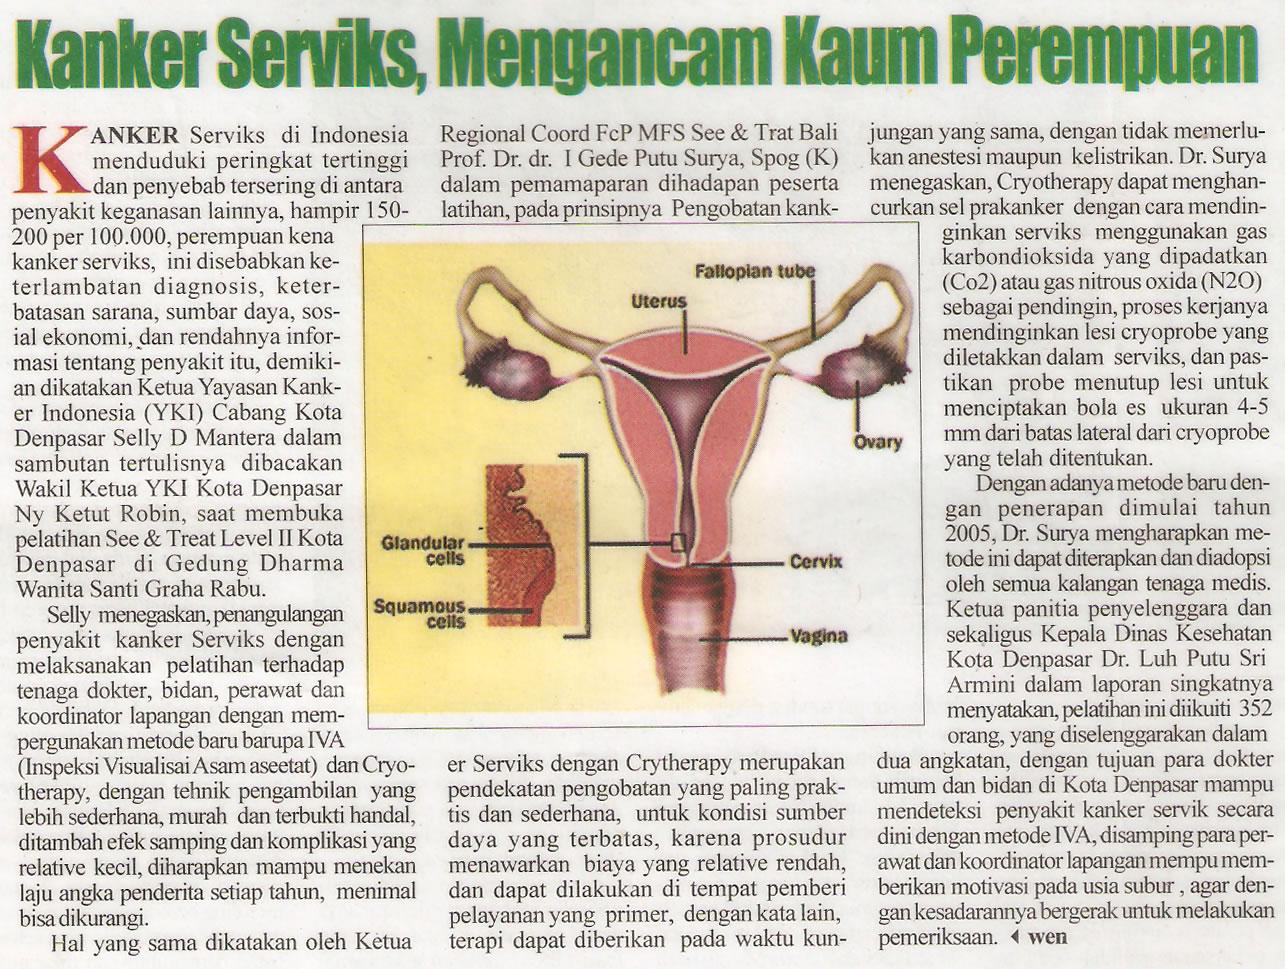 Kanker servik mengancam kaum wanita